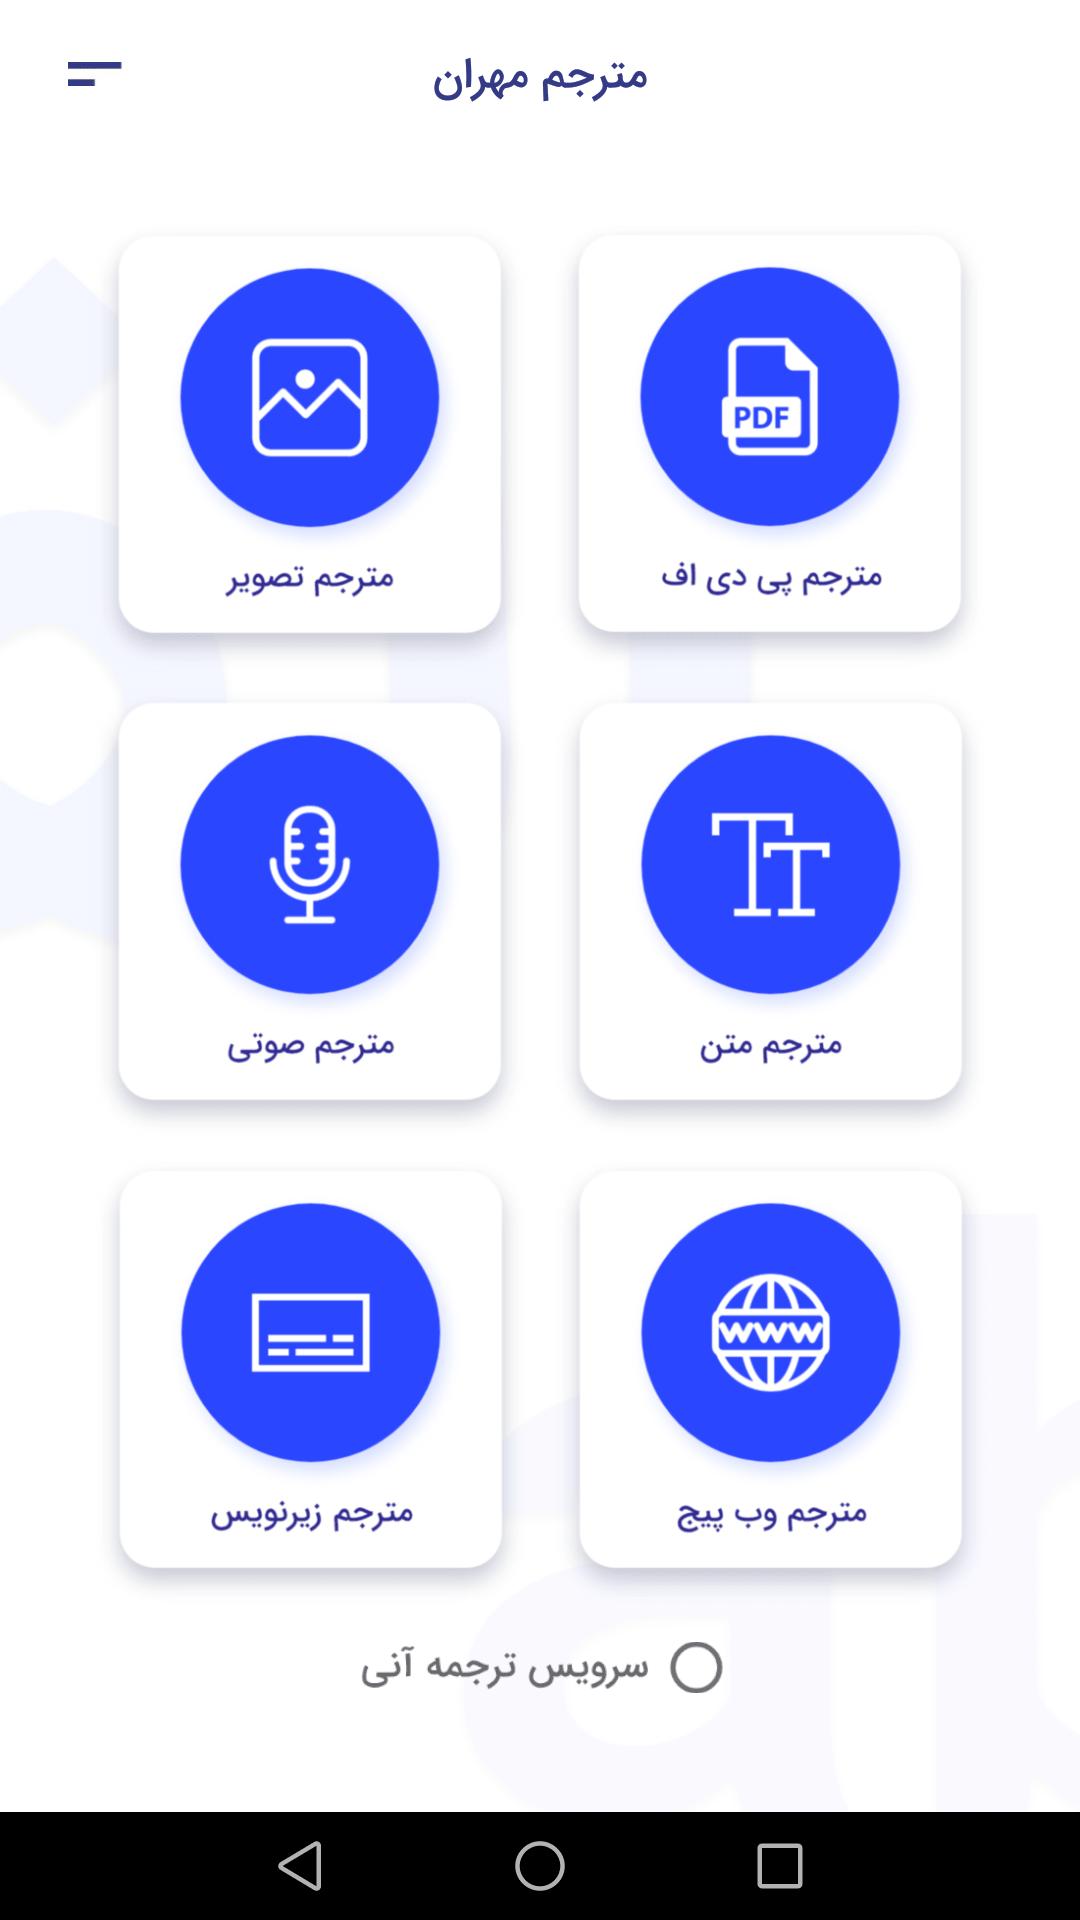 صفحه اصلی مترجم مهران - چیکاو